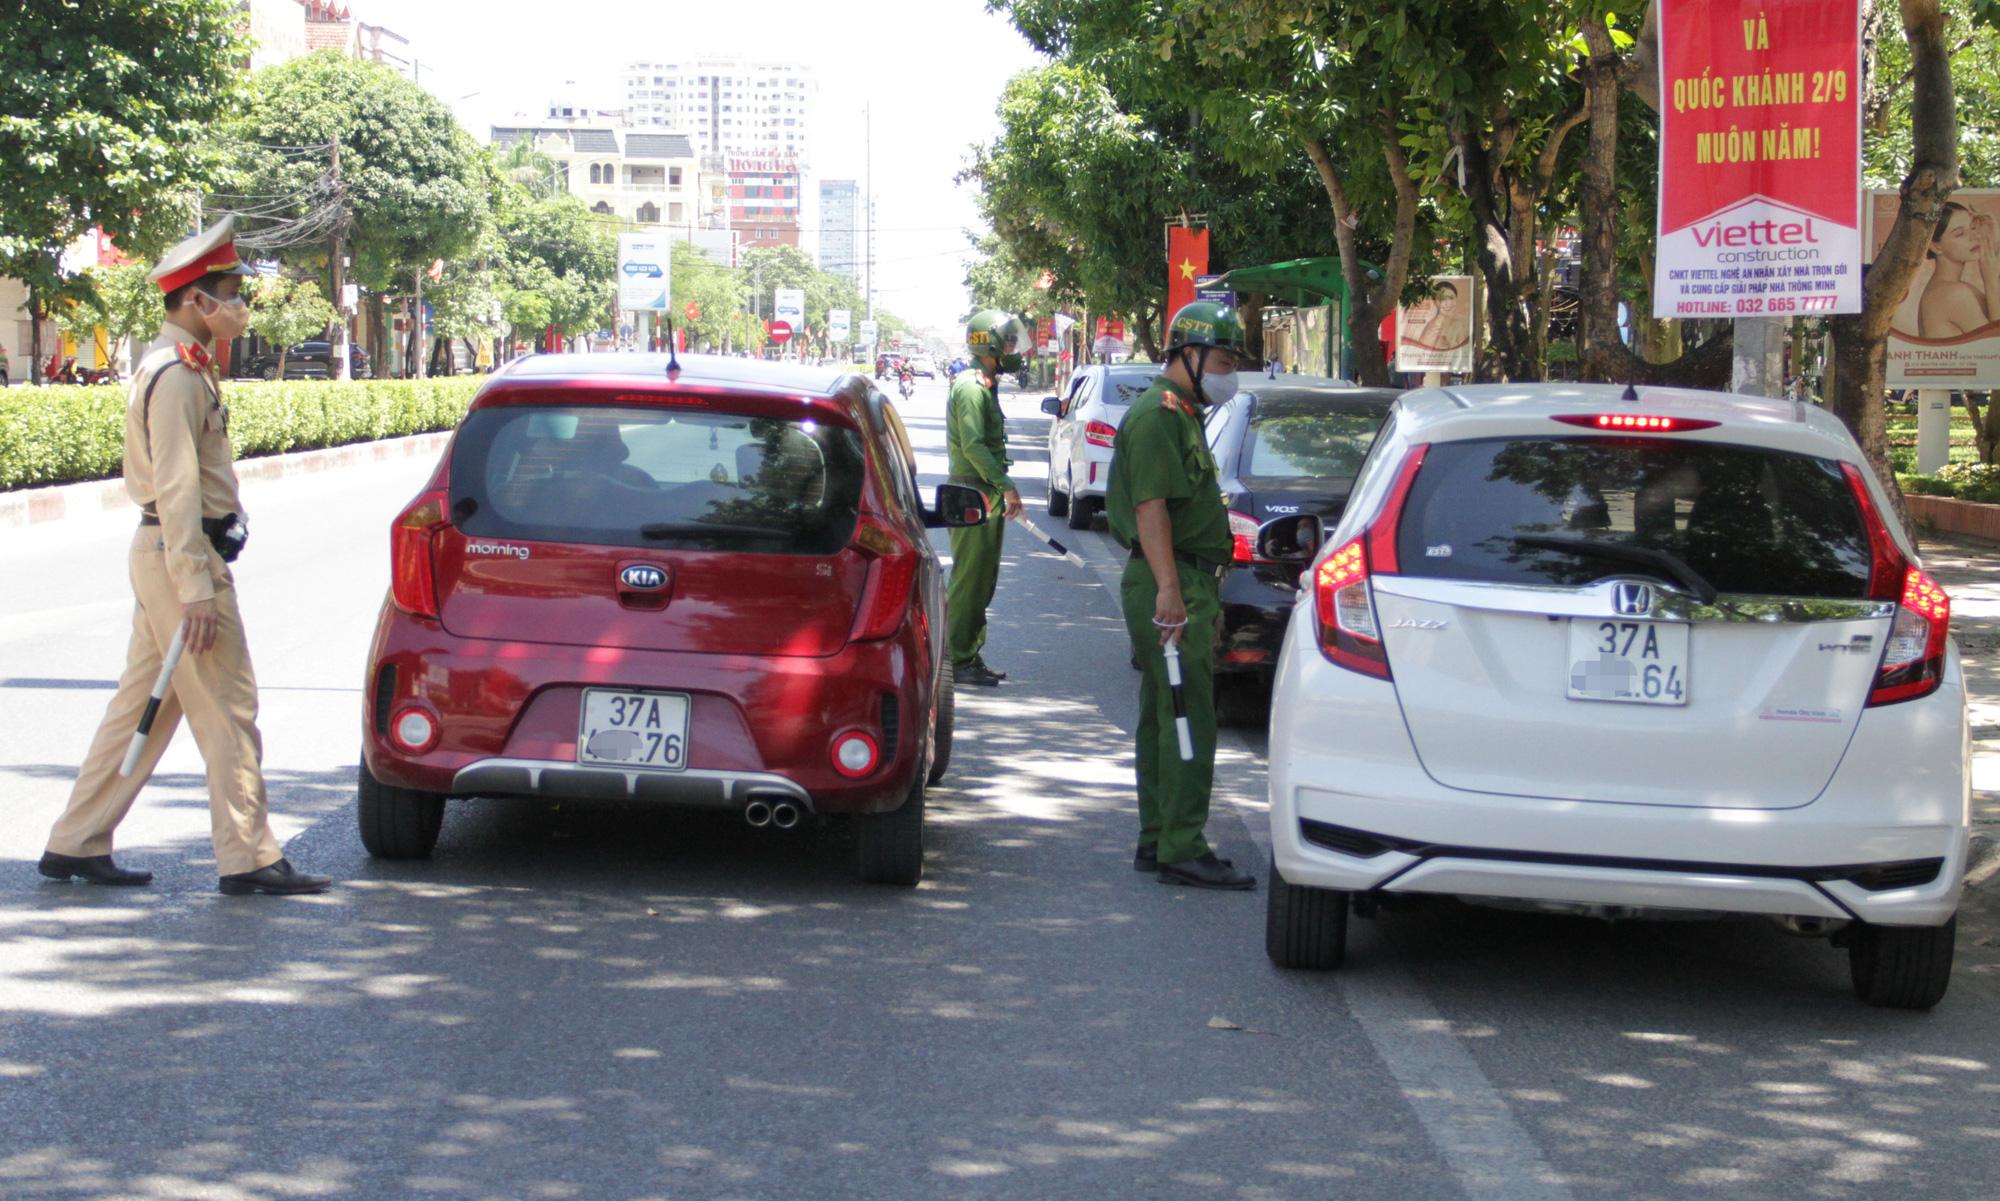 Kiểm soát người ra đường giữa Chỉ thị 16 ở TP Vinh: Công an gọi điện xác minh tận nơi nếu khai báo quanh co - Ảnh 14.